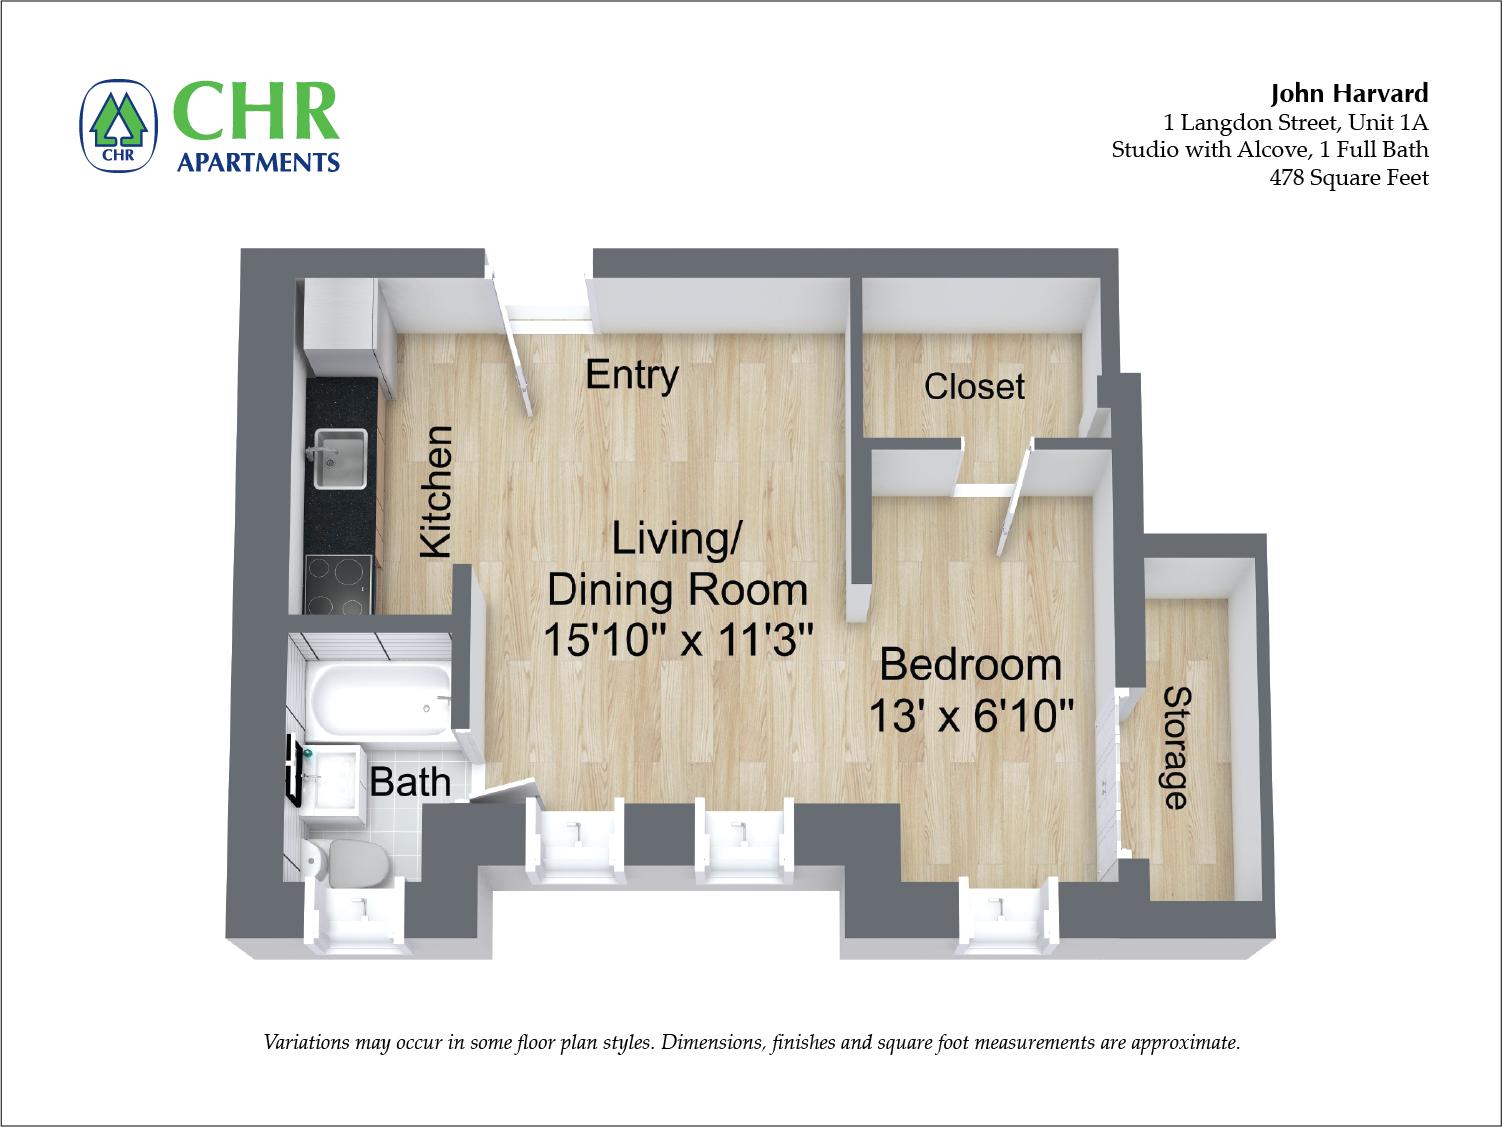 Floor plan John Harvard - Studio image 3